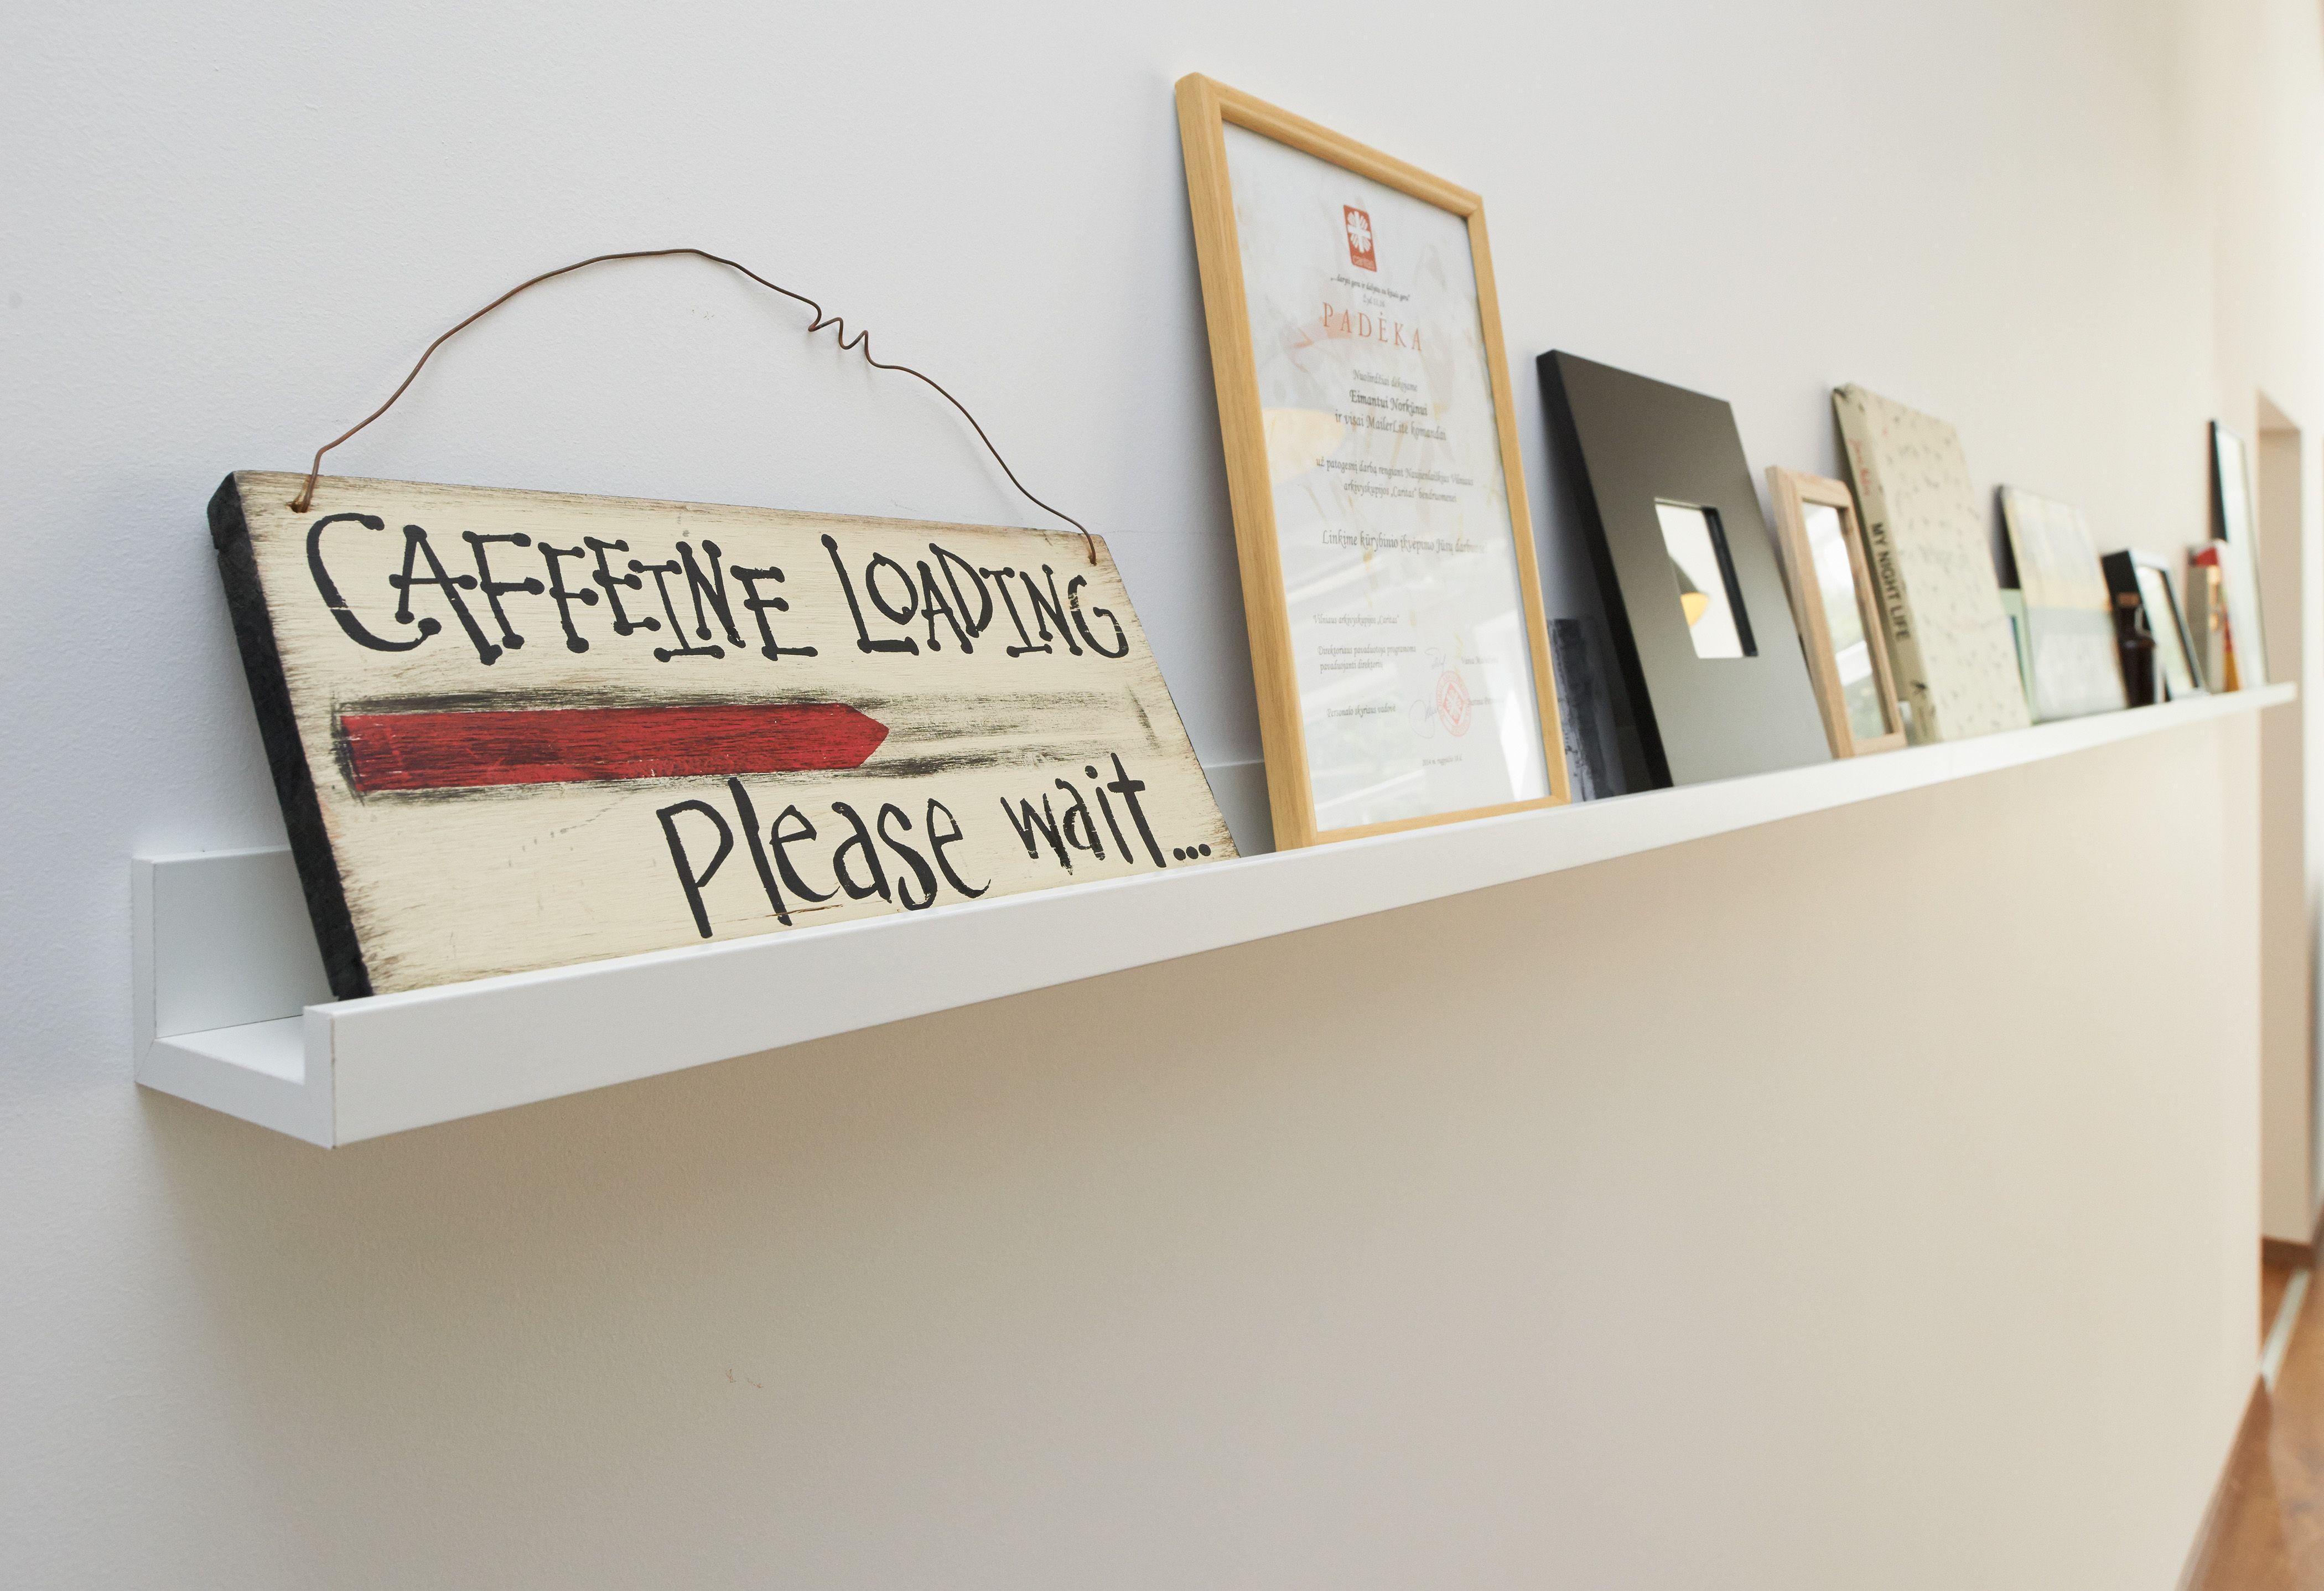 Coffee loading. Please wait. #startuplife #office #design